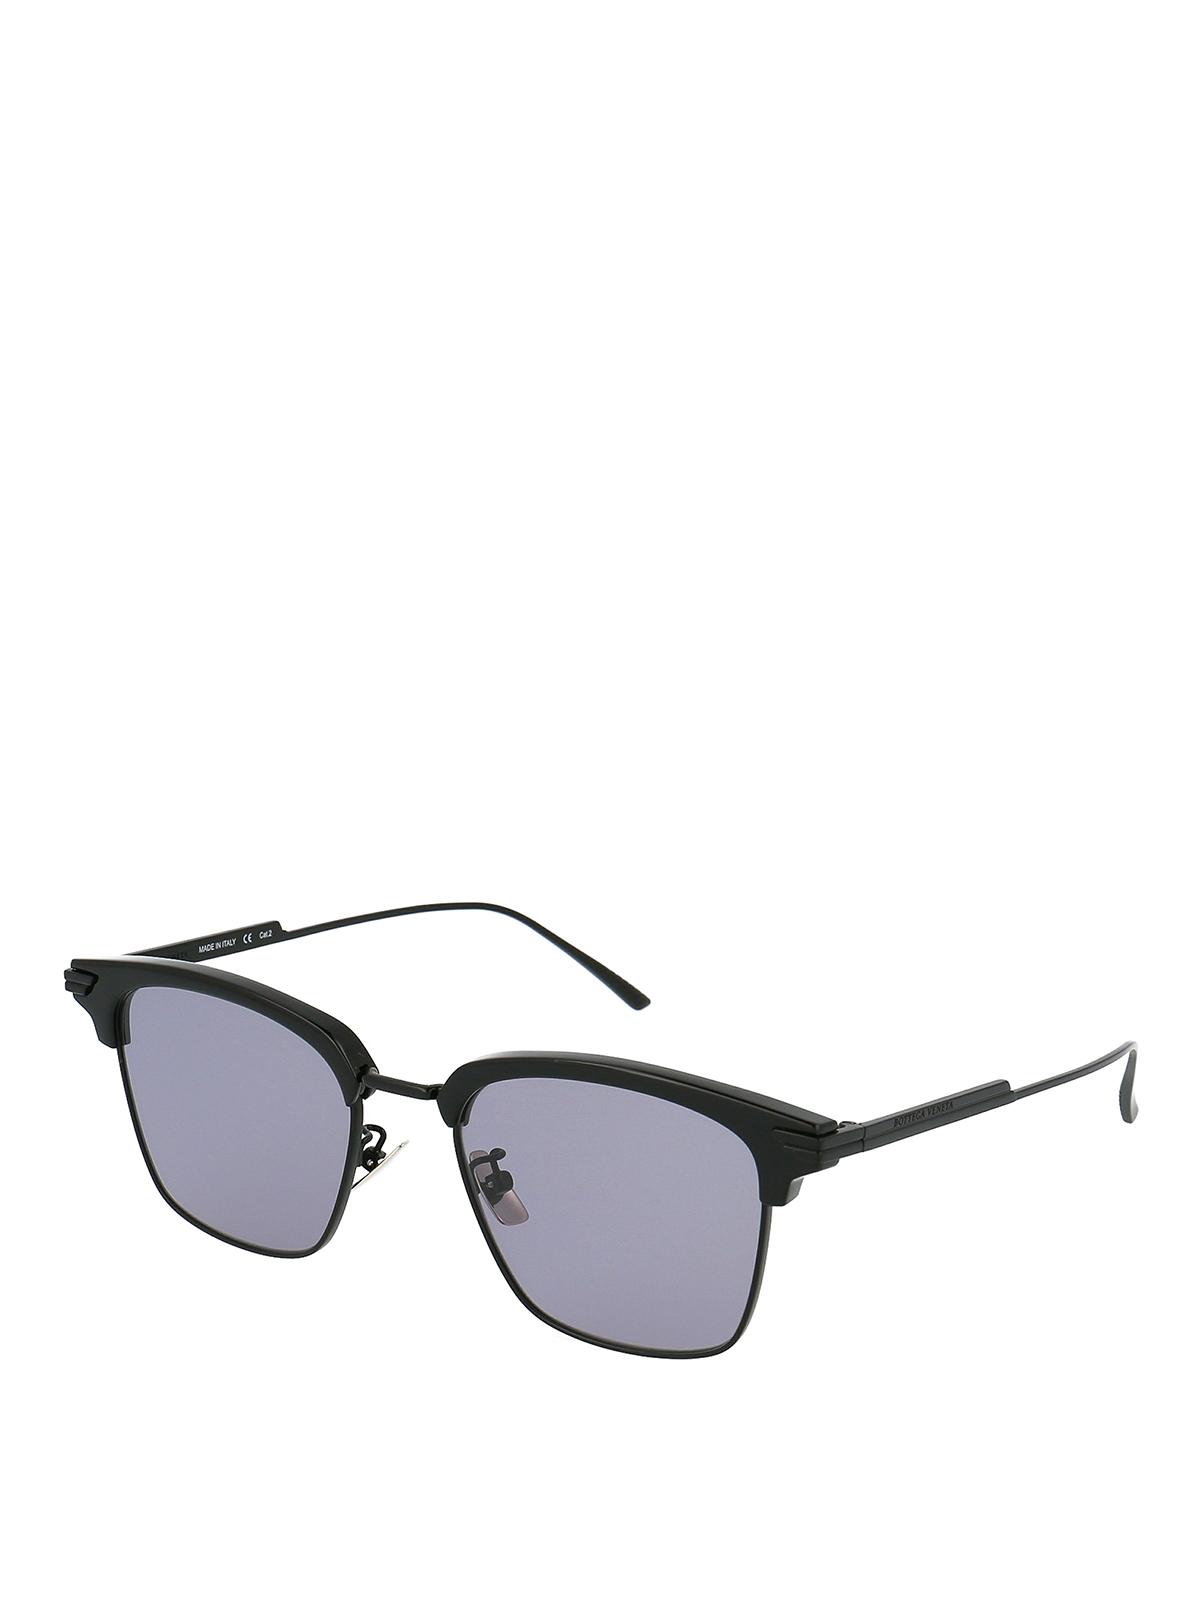 Bottega Veneta Black Half Frame Sunglasses